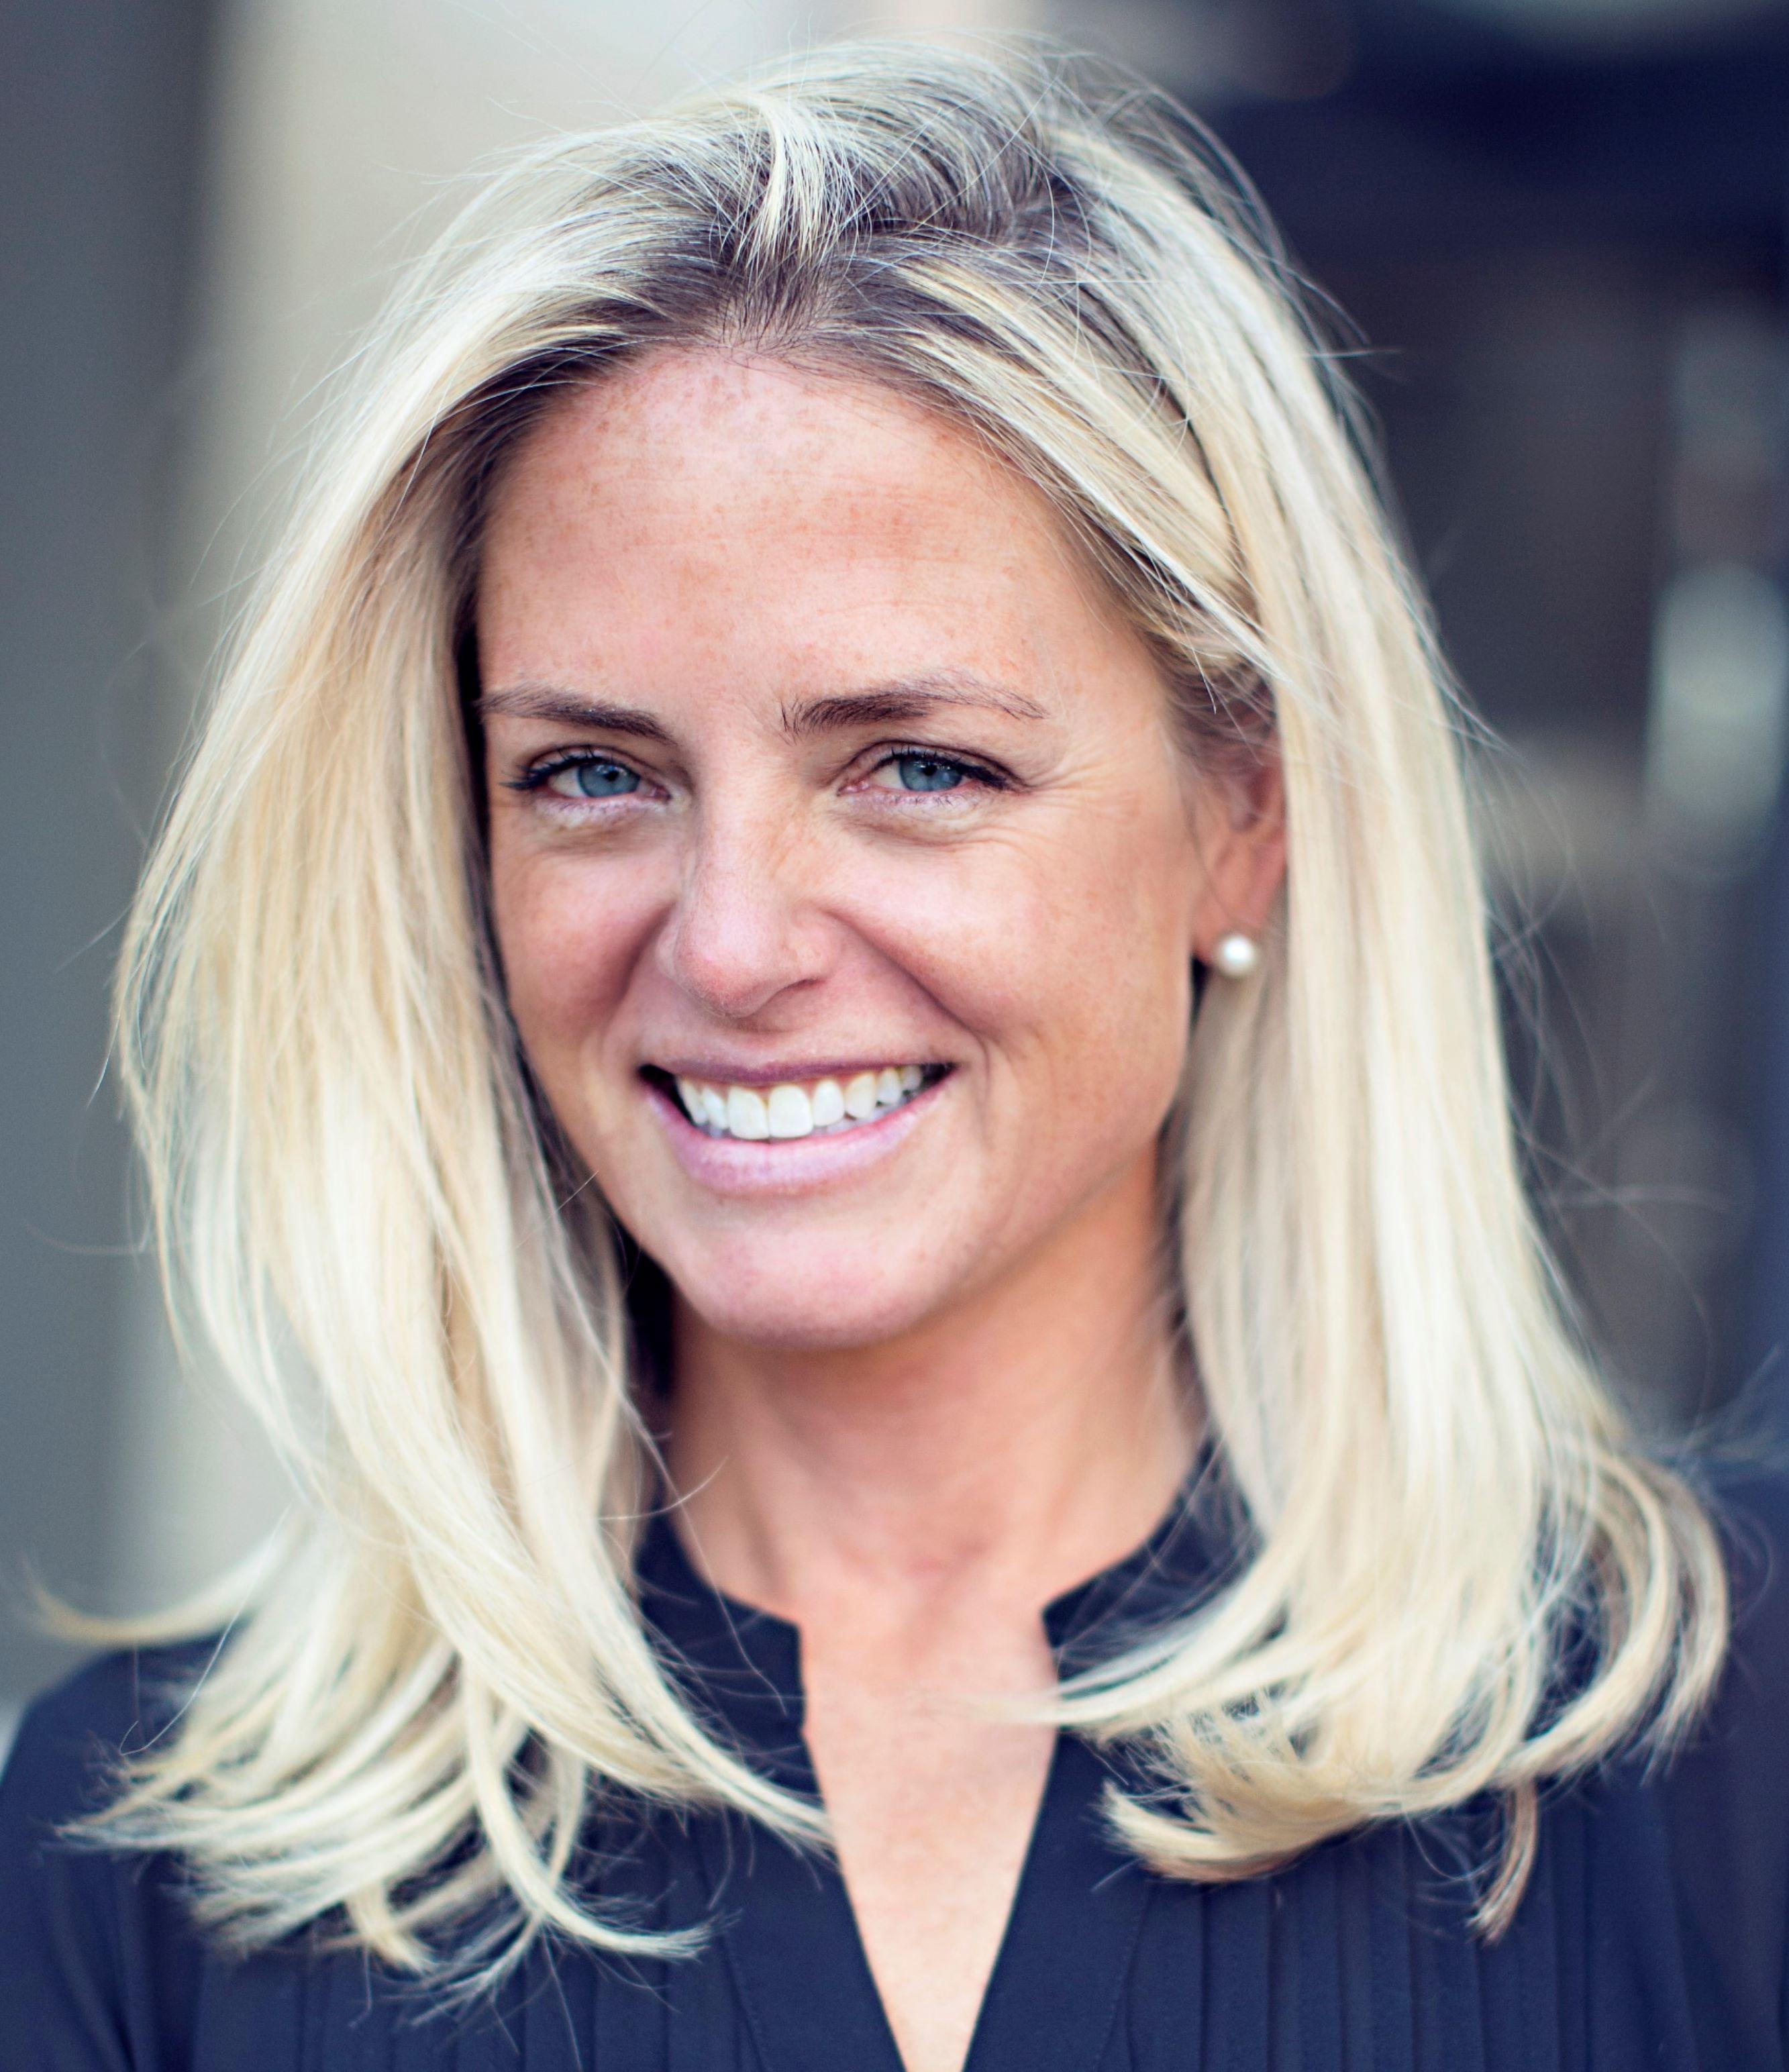 Katie Hoster